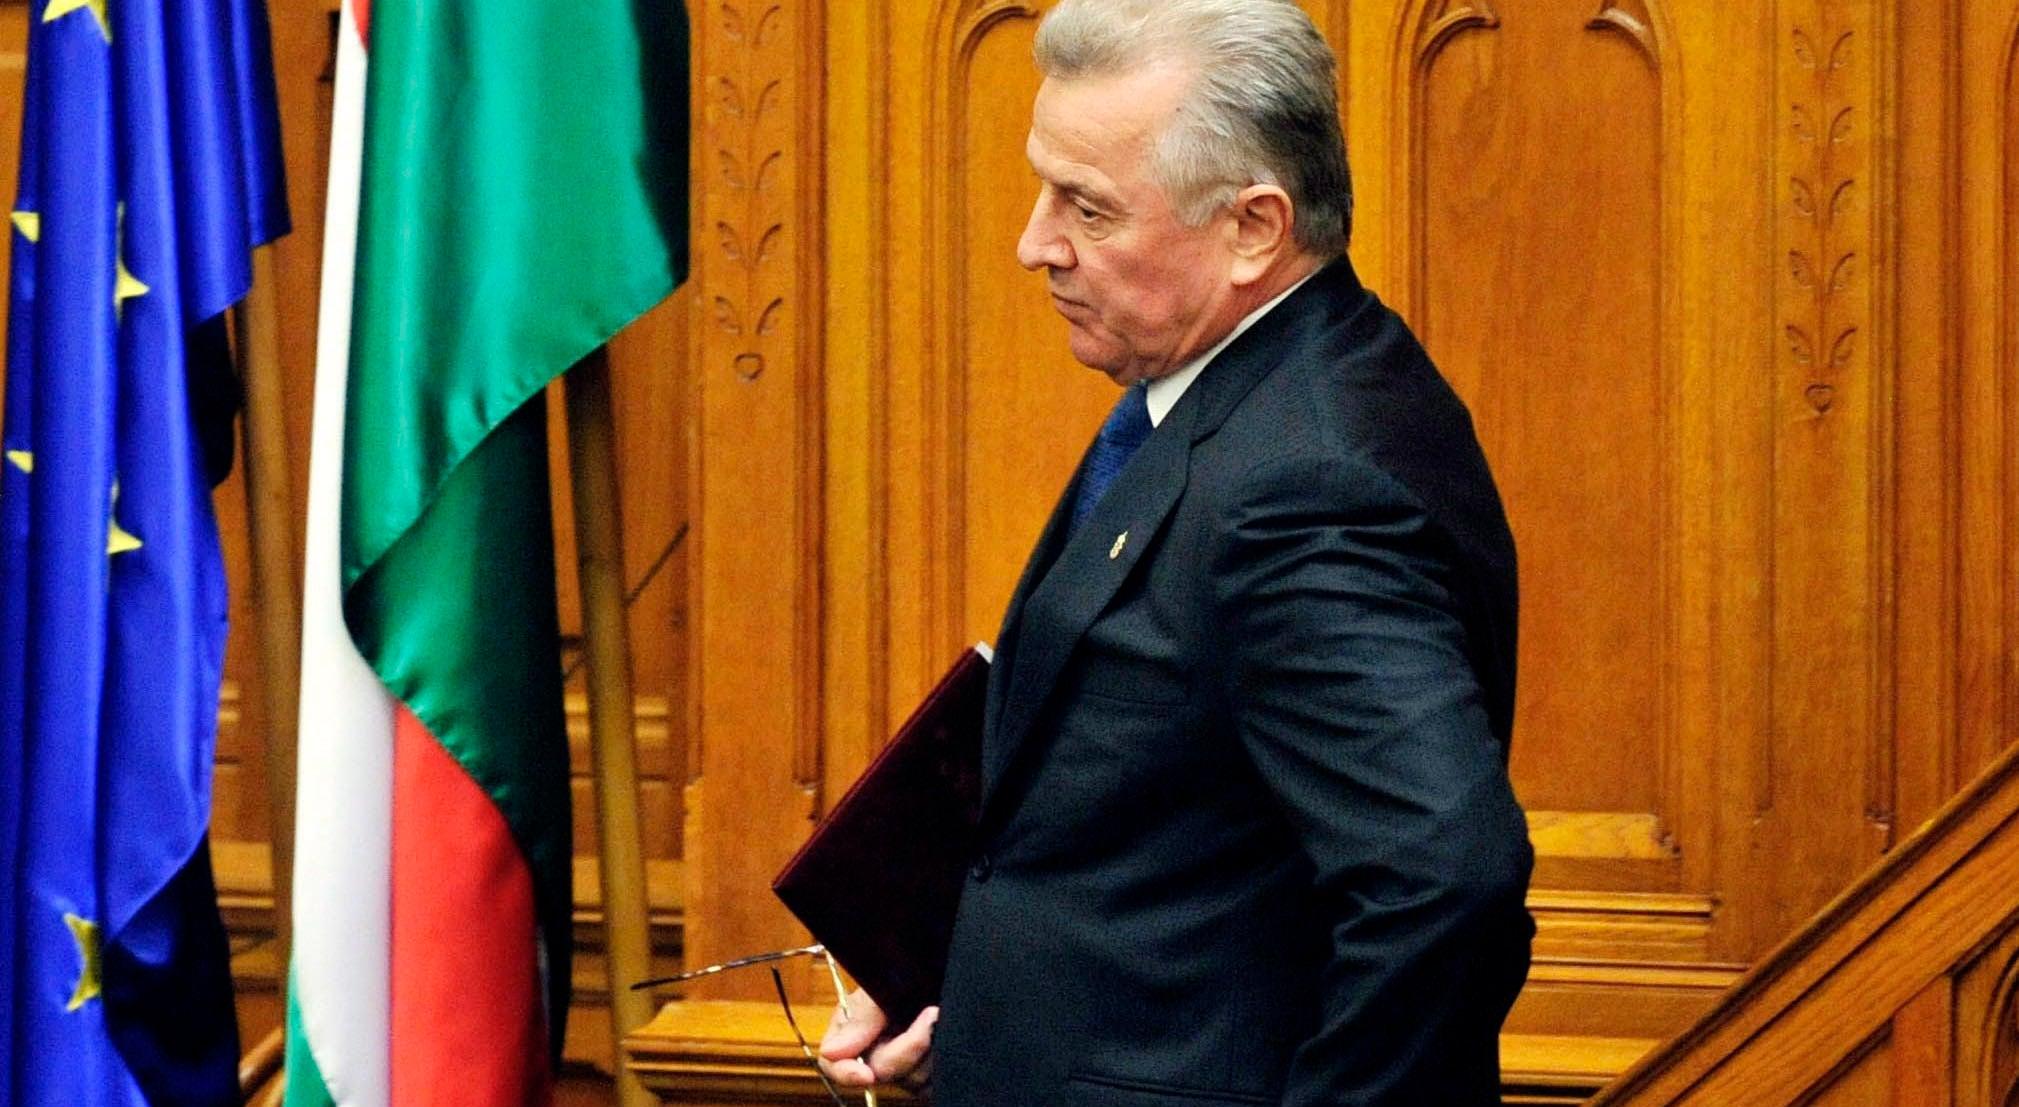 Presidente da Hungria demite-se depois de ser acusado de pl�gio